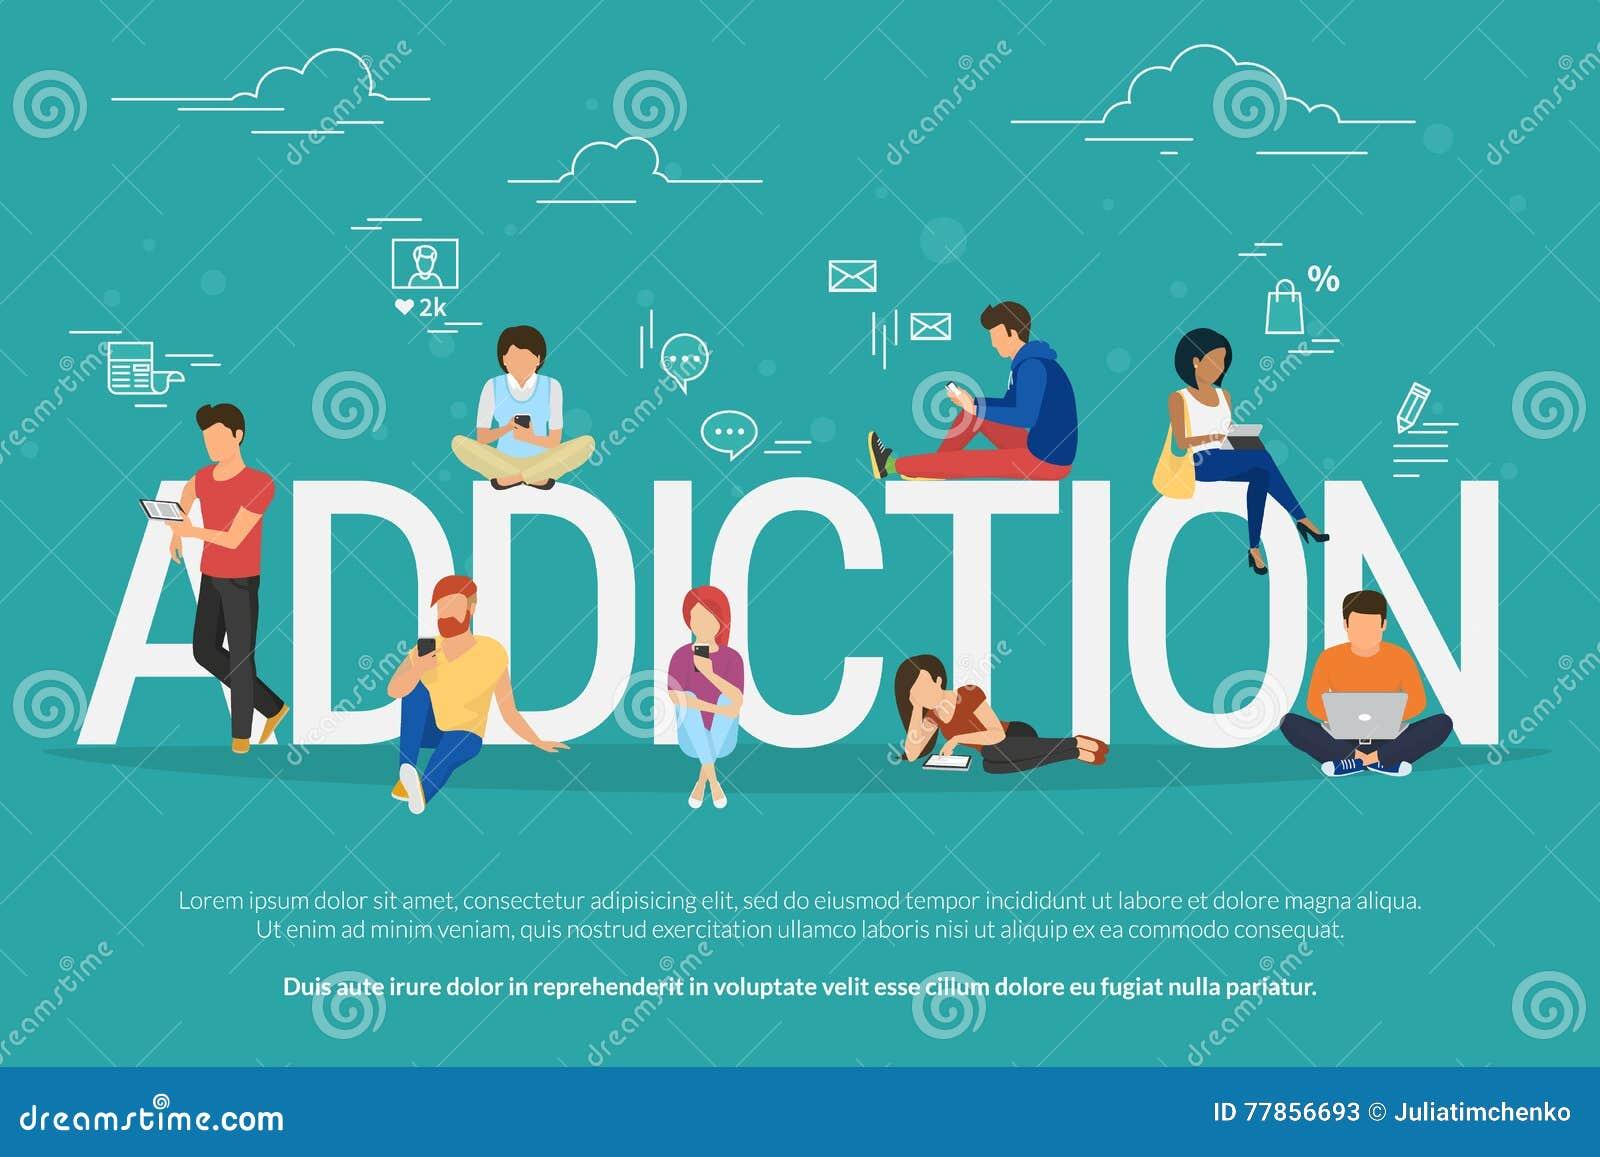 De illustratie van het verslavingsconcept van jongeren die apparaten zoals laptop, smartphone, tabletten met behulp van